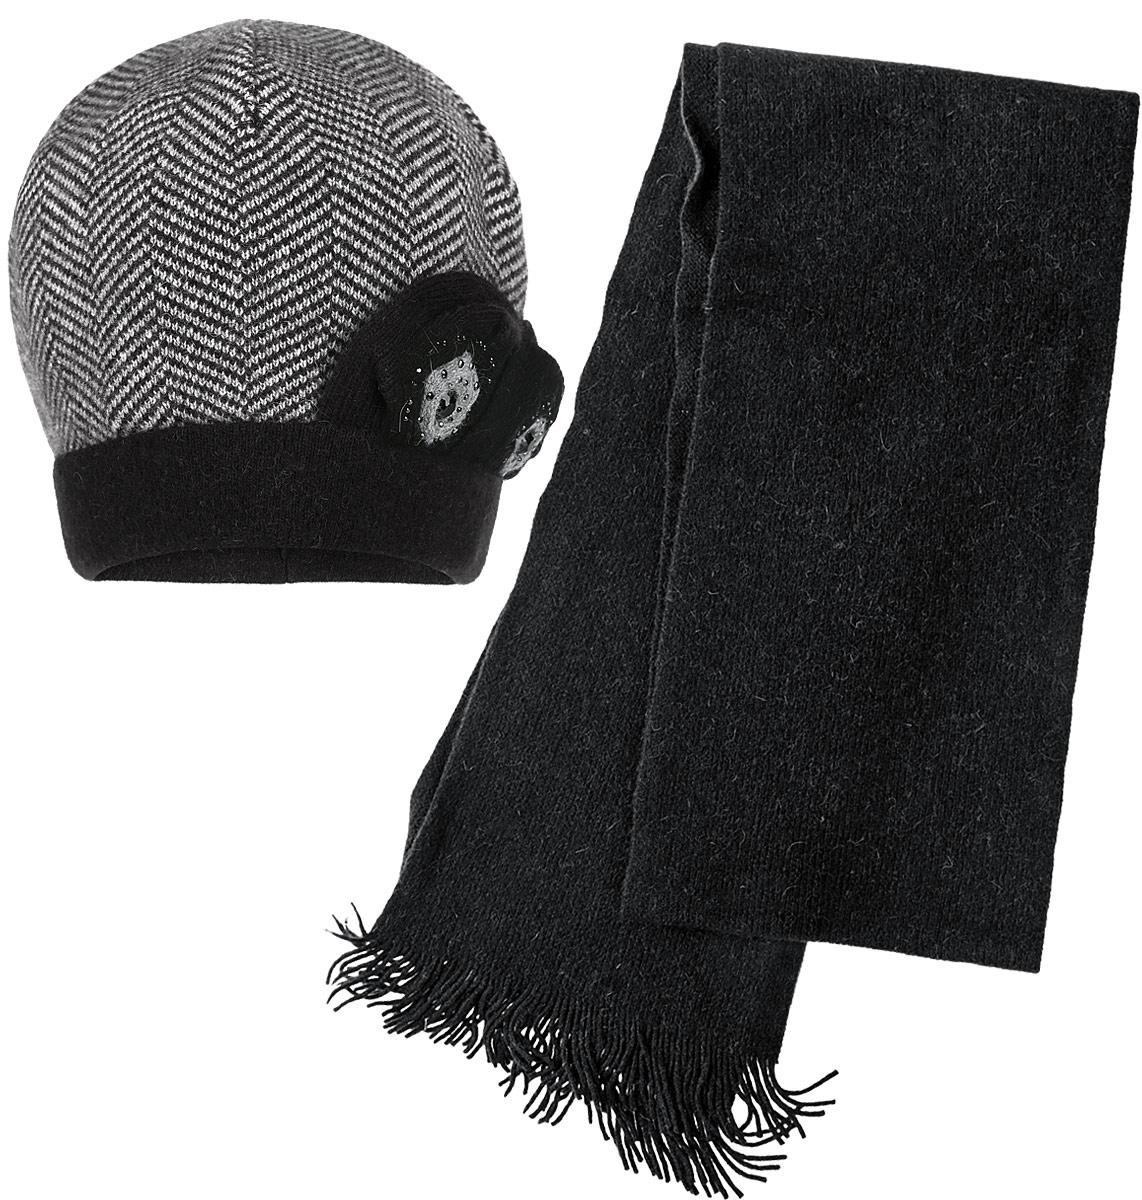 Комплект женский: шапка, шарф. 2013-12013-1-85/60Женский комплект Fabretti, состоящий из шапки и шарфа отлично дополнит ваш образ в холодную погоду. Сочетание шерсти, ангоры и полиамида сохраняет тепло и обеспечивает удобную посадку. Шапка декорирована оригинальными вязаными цветочками и стразами. Великолепный комплект подойдет как для активного отдыха, так и для повседневного гардероба.